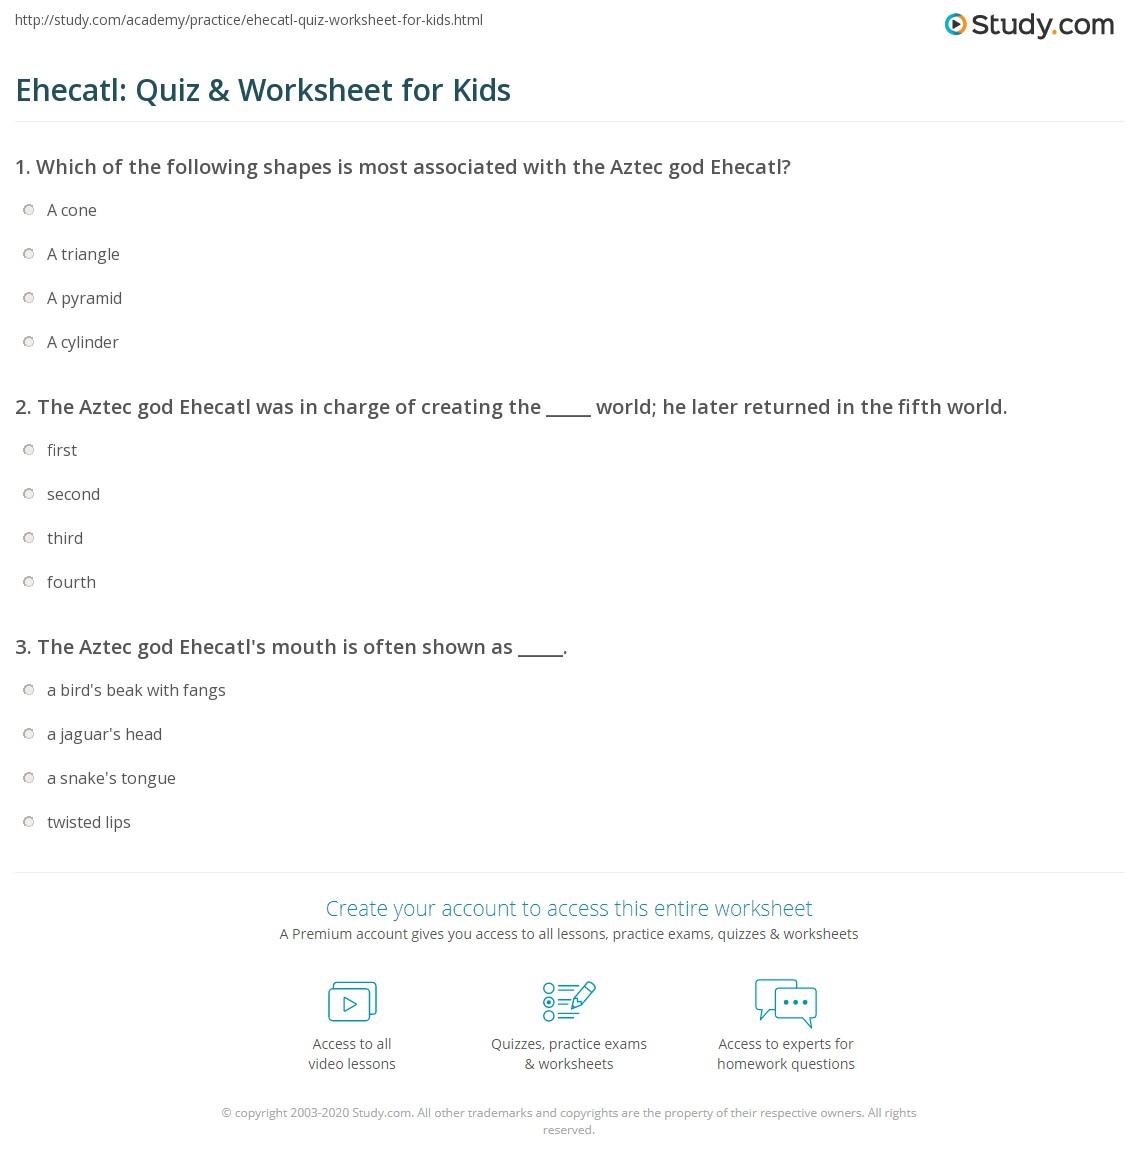 Ehecatl Quiz Amp Worksheet For Kids